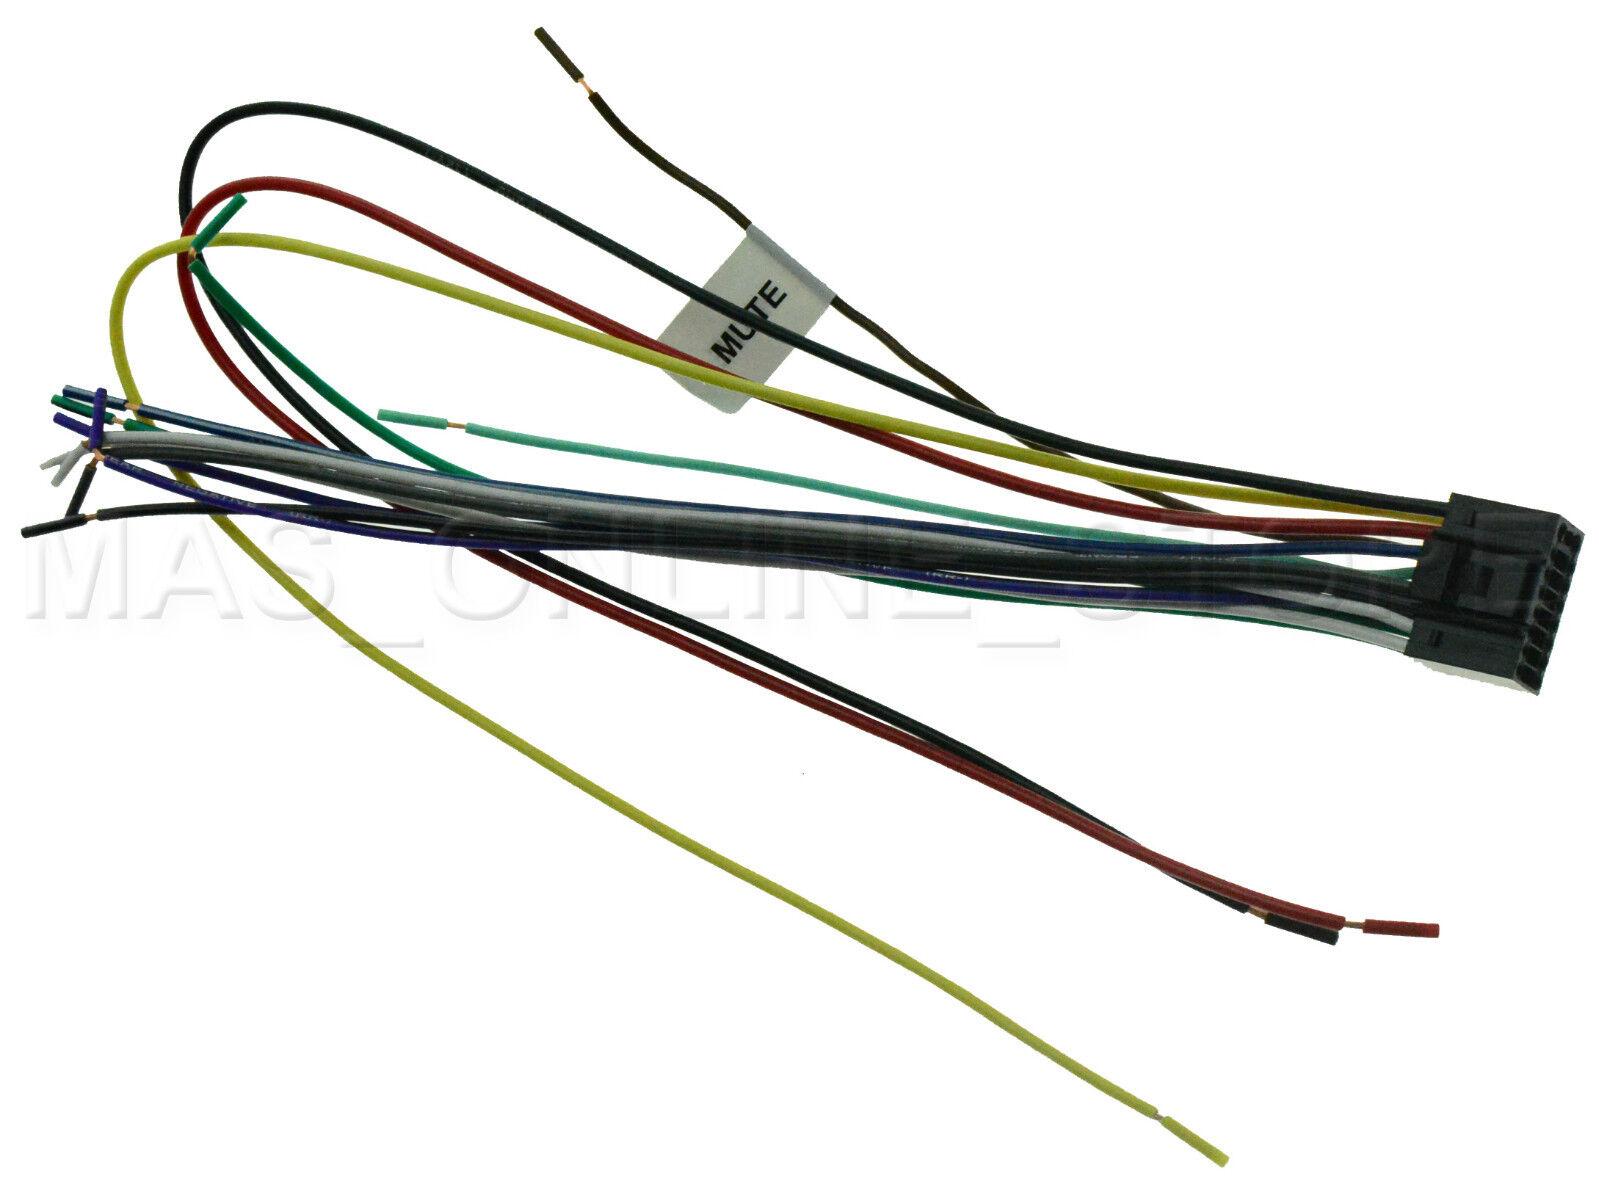 Kenwood Kdc 200u Wiring Diagram